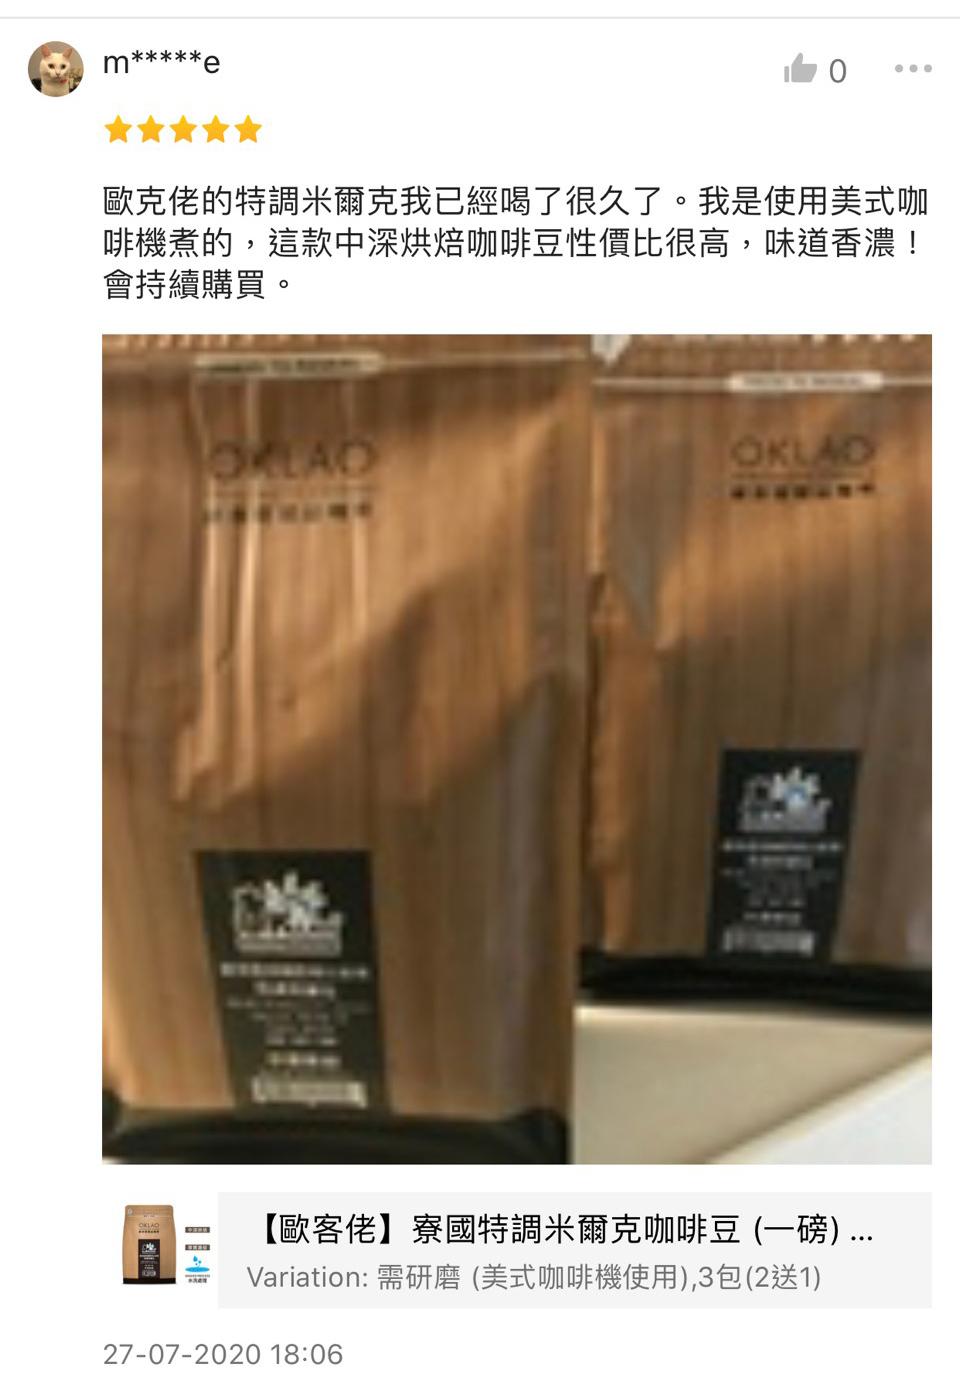 【歐客佬】寮國特調米爾克咖啡豆 (一磅) 中深烘焙 (11010003) OKLAO 咖啡 精品咖啡 拿鐵 美式 義式 歐克佬的特調米爾克我已經喝了很久了。我是使用美式咖啡機煮的,這款中深烘焙咖啡豆性價比很高,味道香濃!會持續購買。